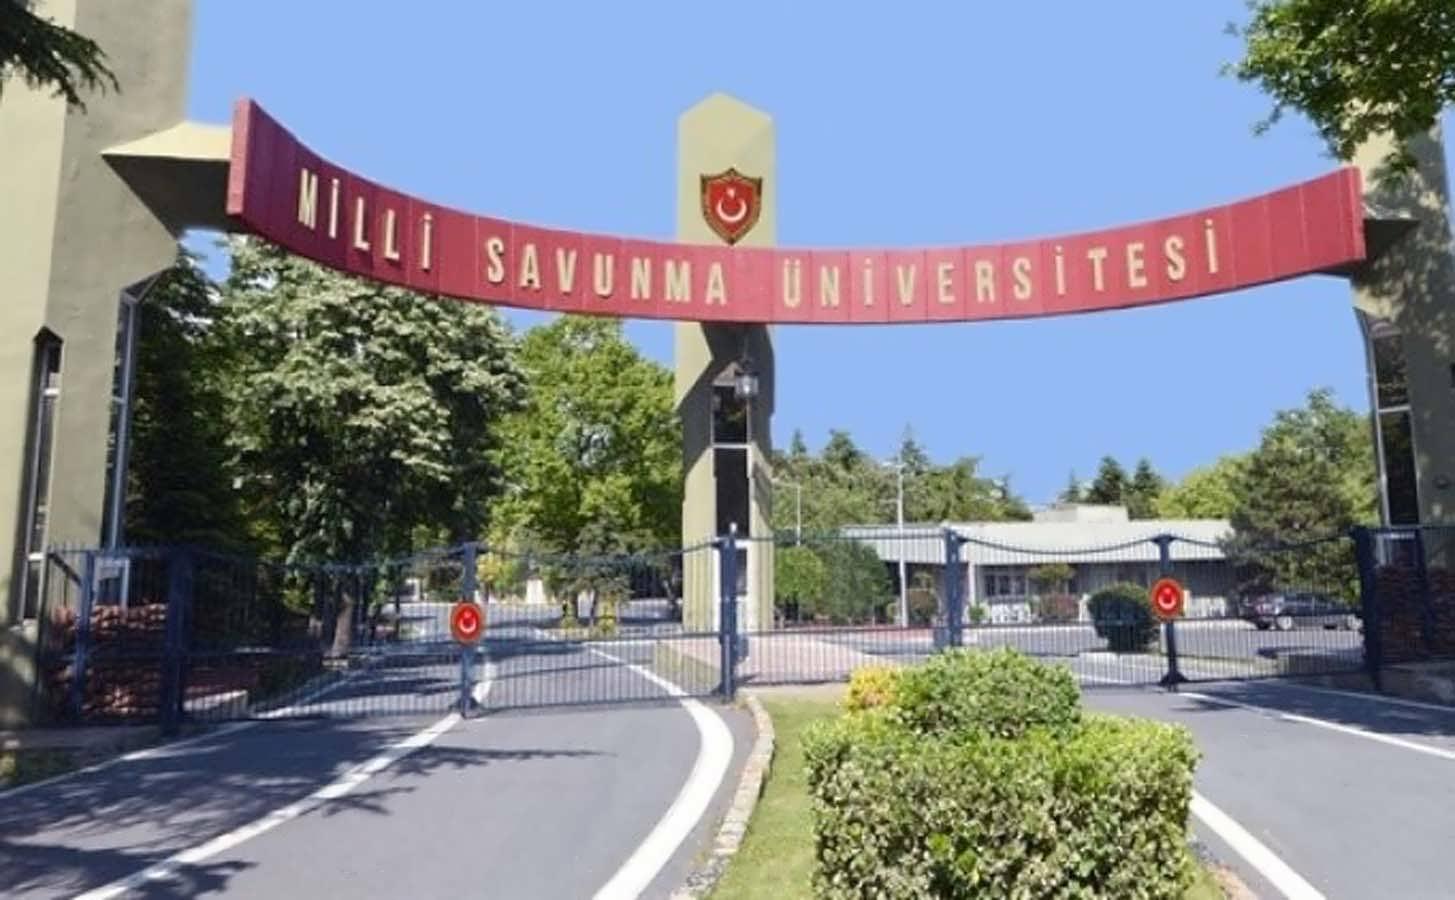 Milli Savunma Üniversitesi 221 Öğretim Elemanı Alacak